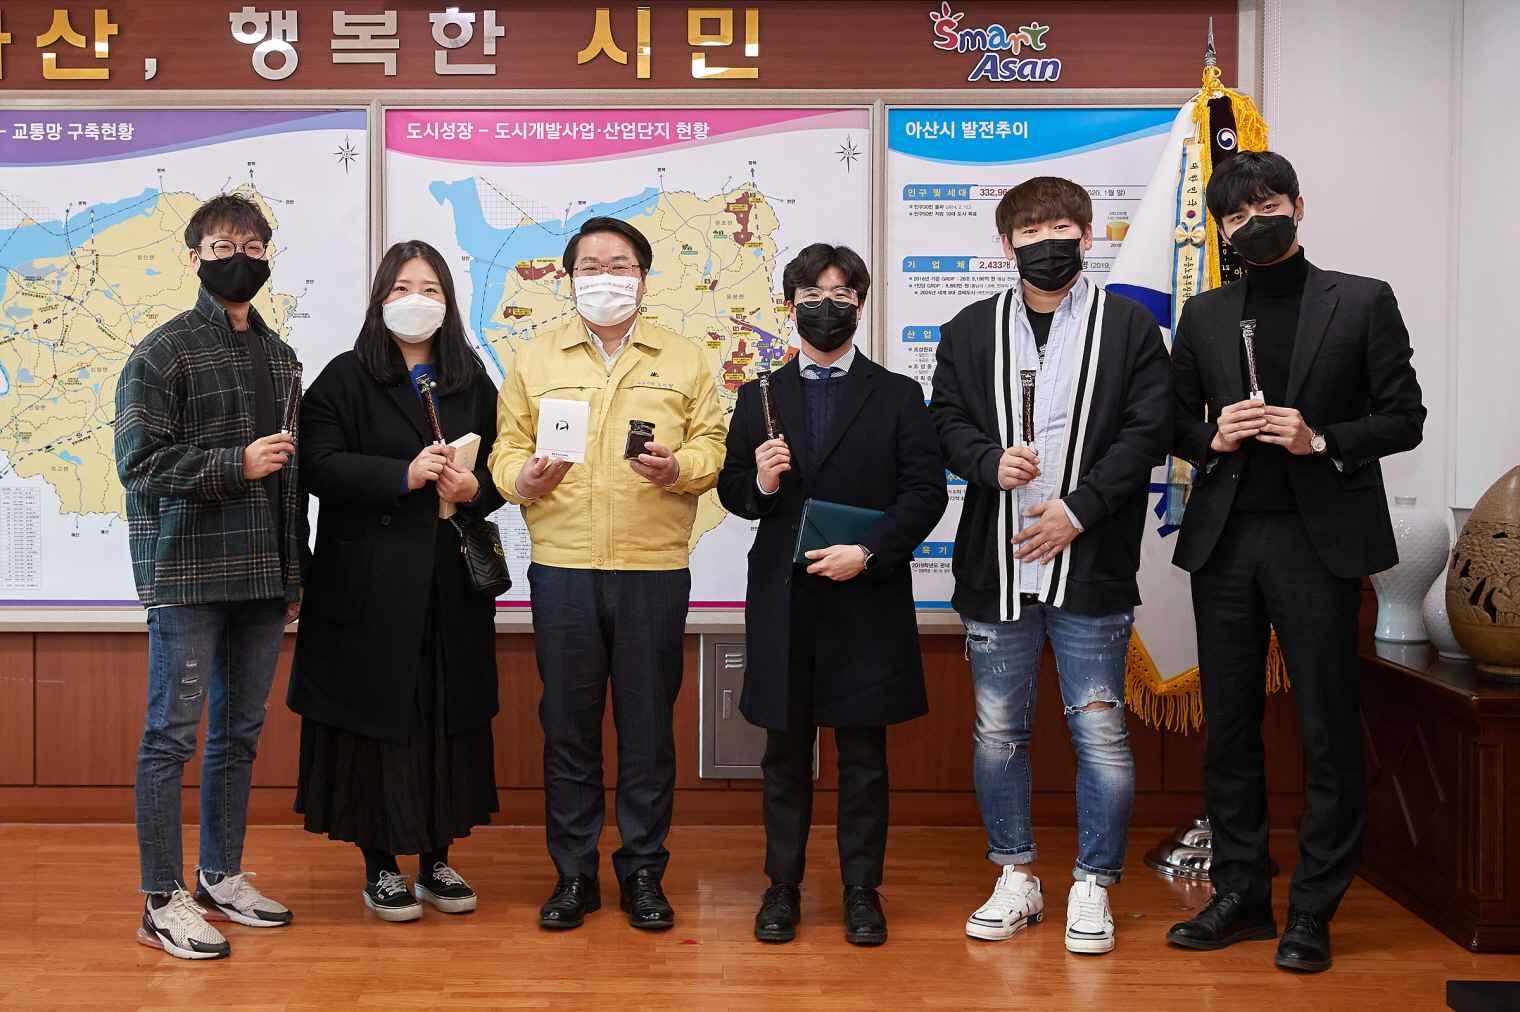 오세현 시장, 청년 CEO들과 대화의 시간 가져 관련사진